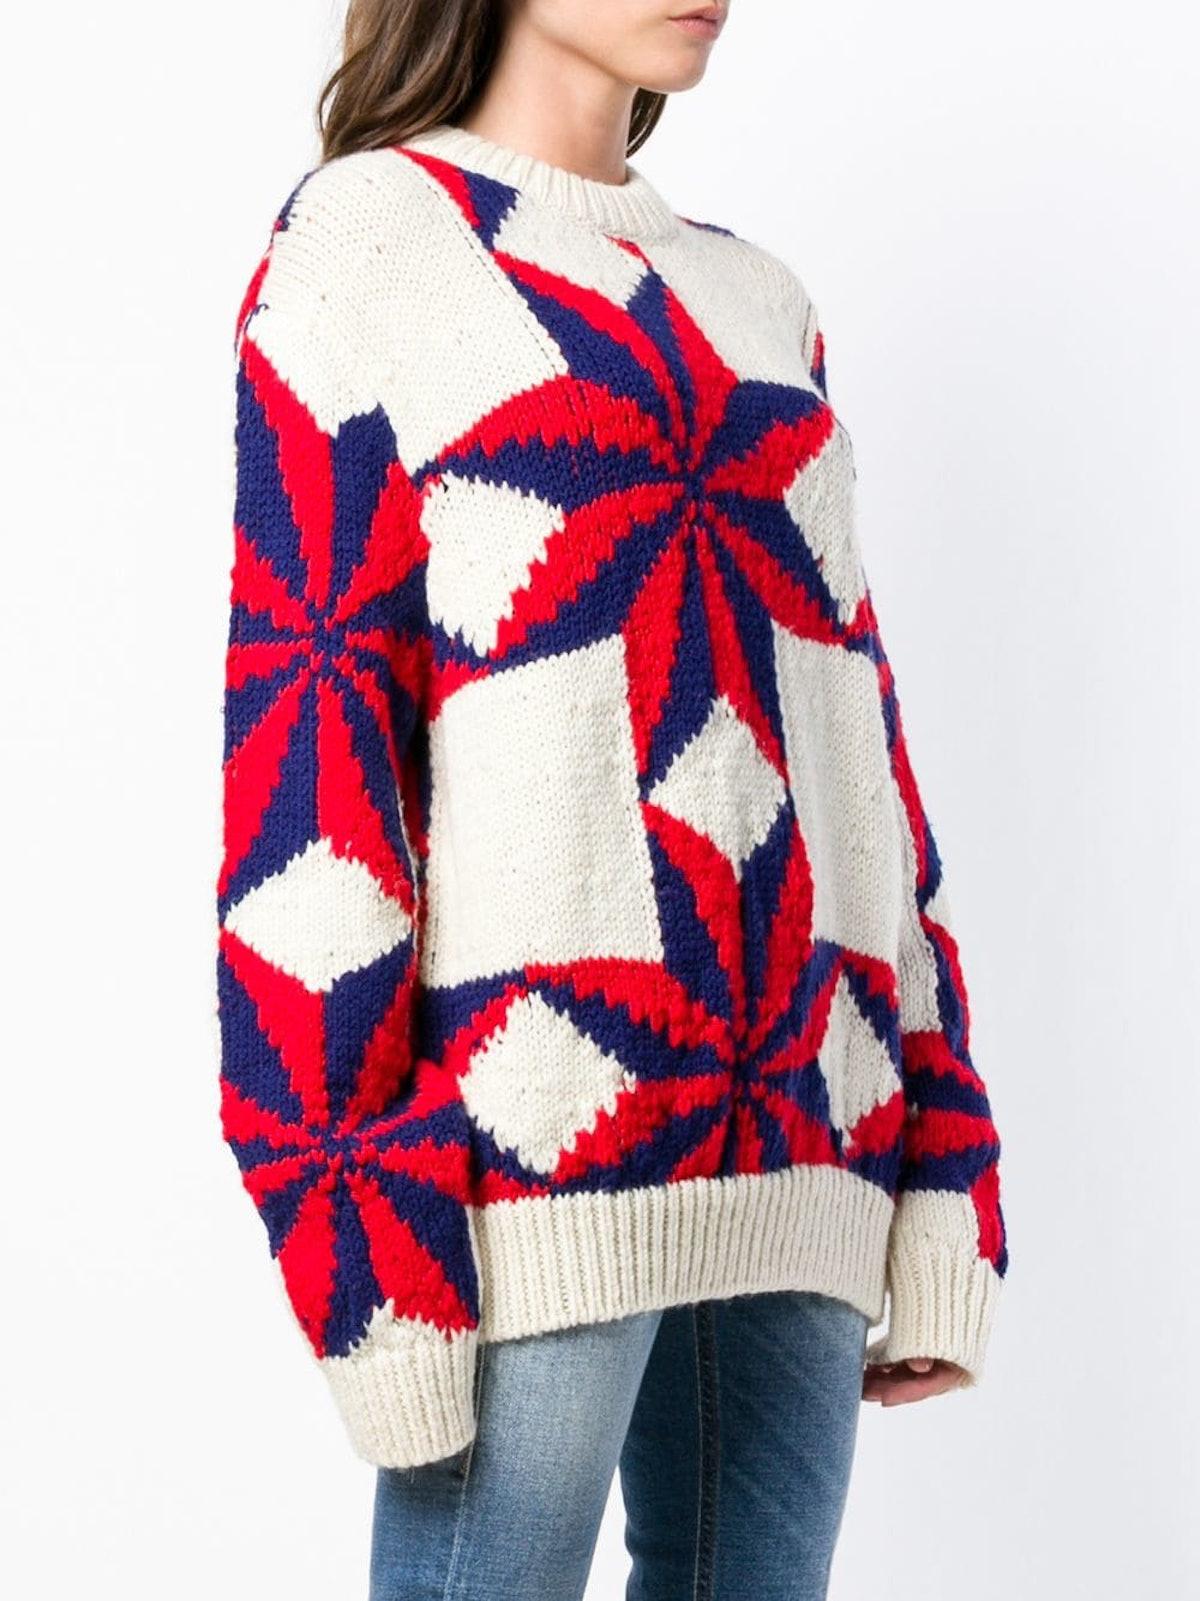 Star Intarsia Knit Jumper